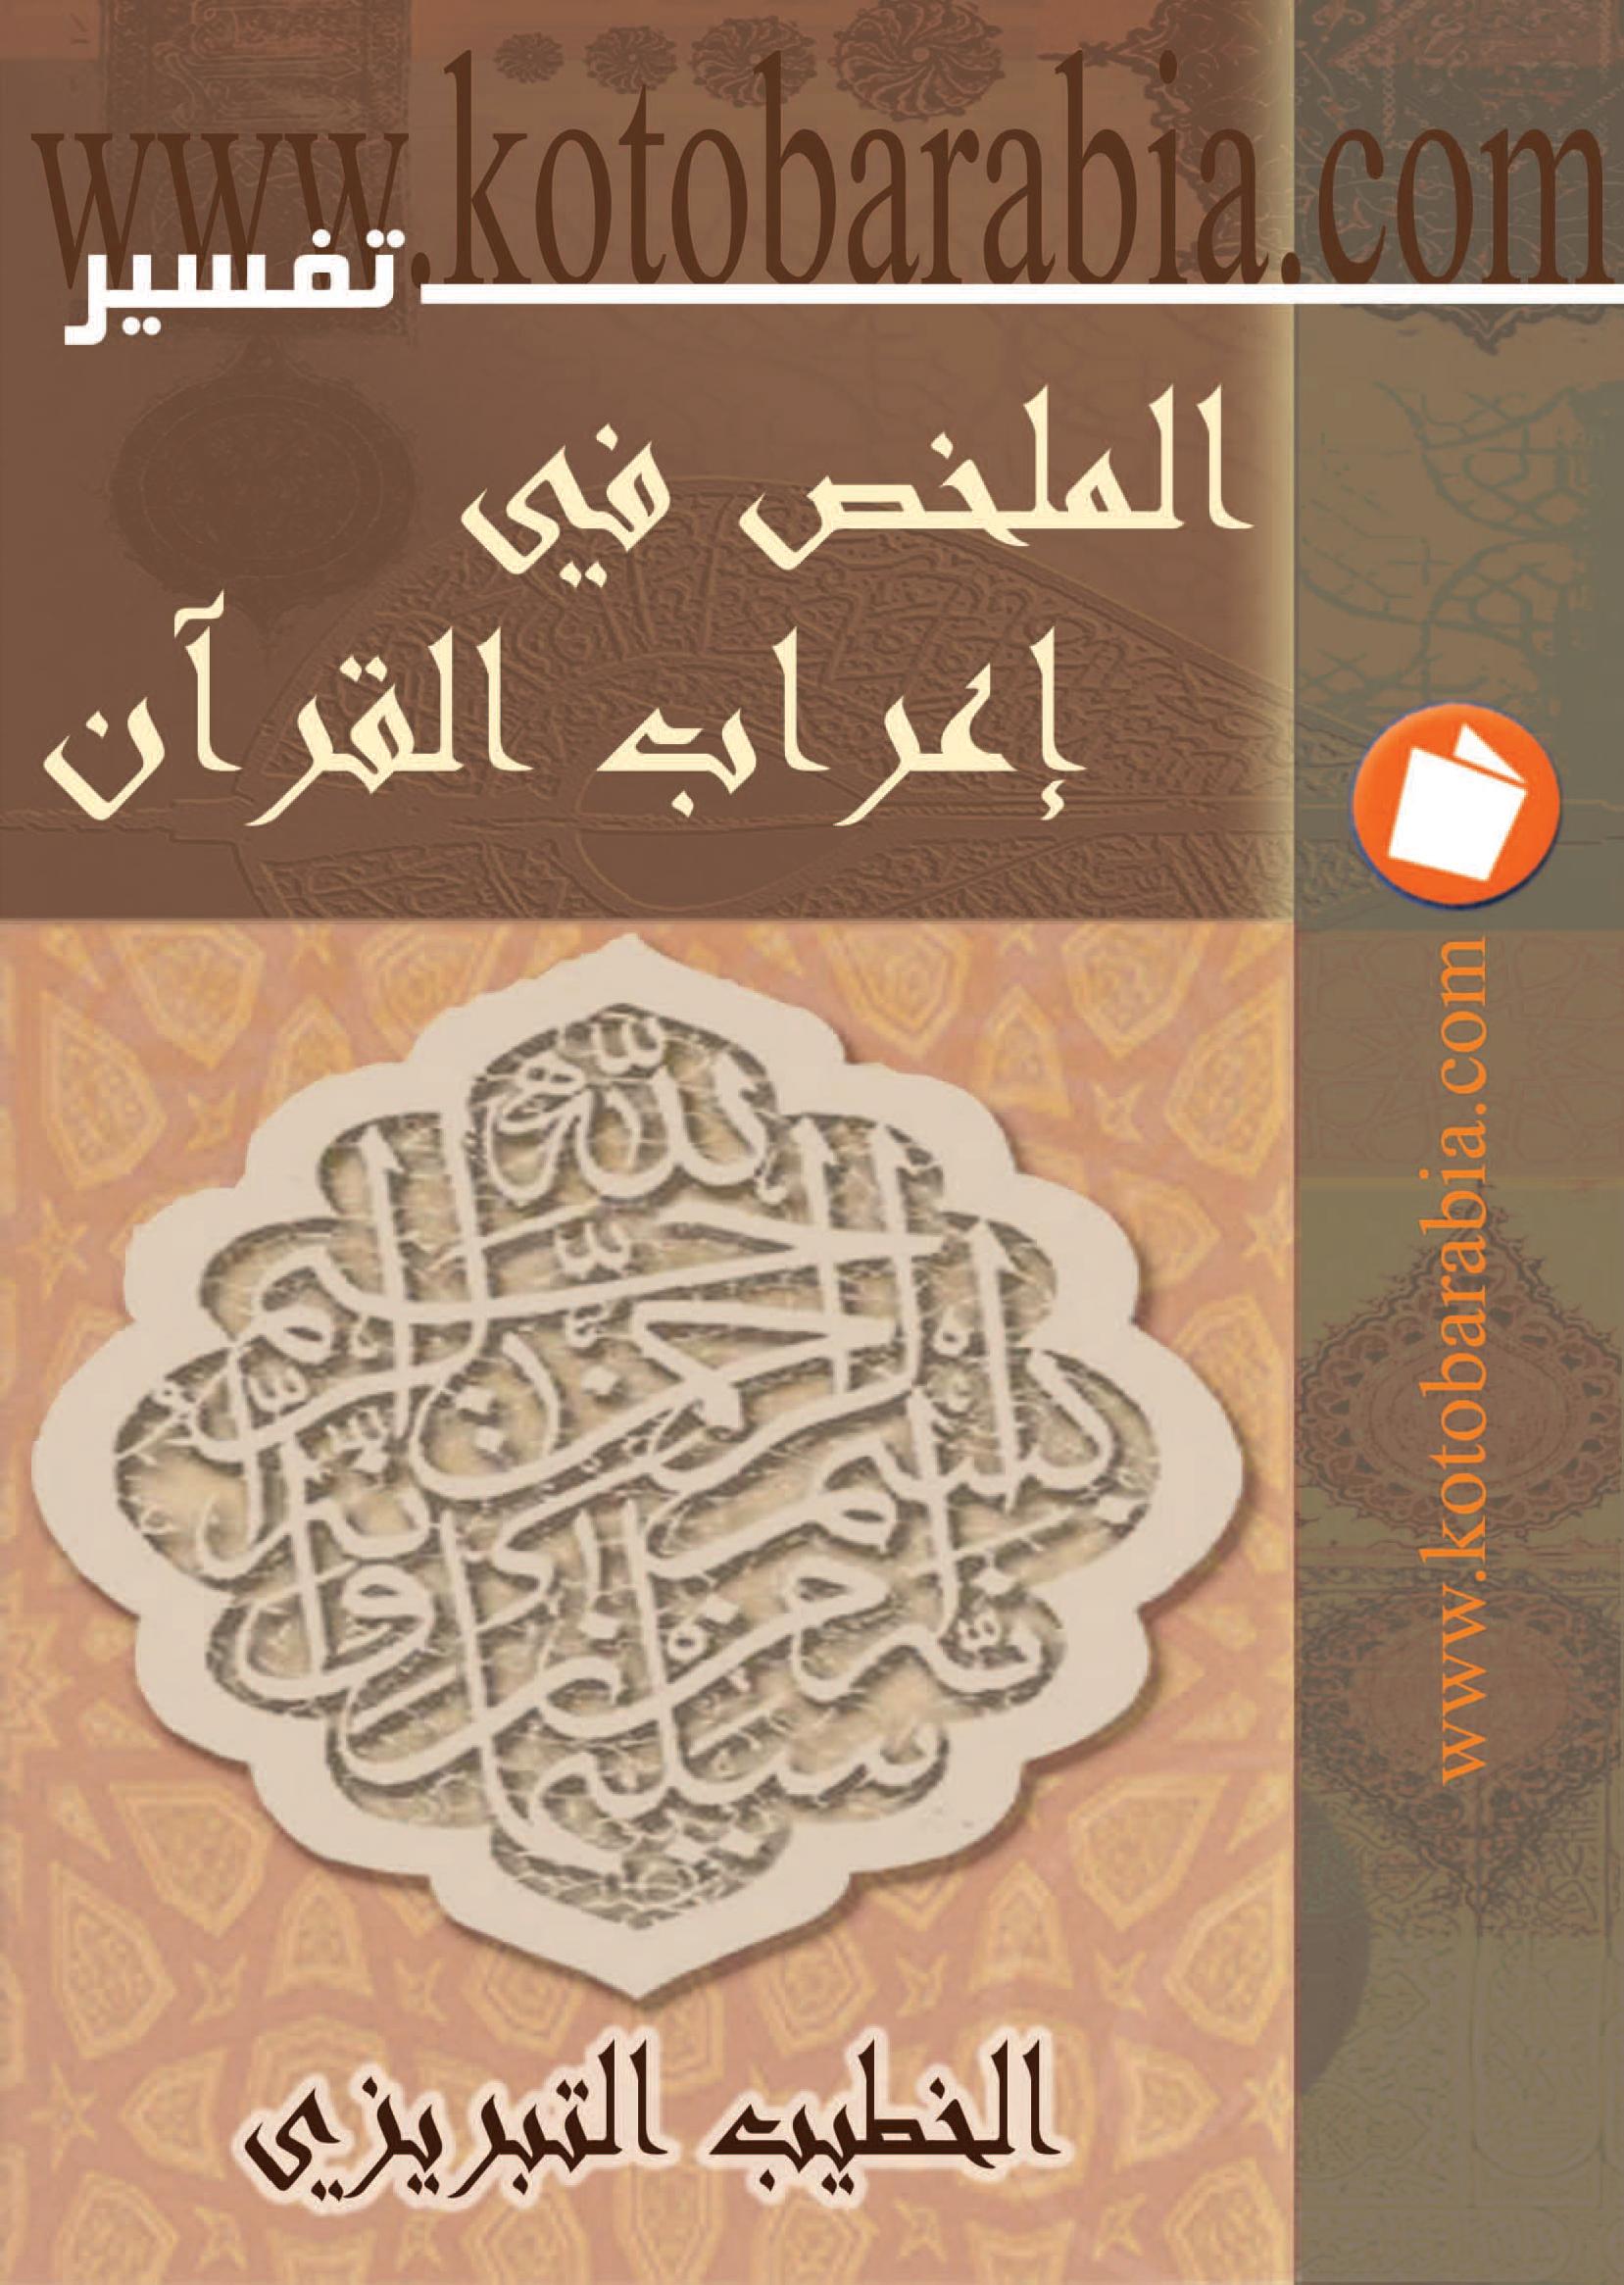 تحميل كتاب الملخص في إعراب القرآن لـِ: الإمام أبو زكريا يحيى بن علي بن محمد الشيباني، الخطيب التبريزي (ت 502)